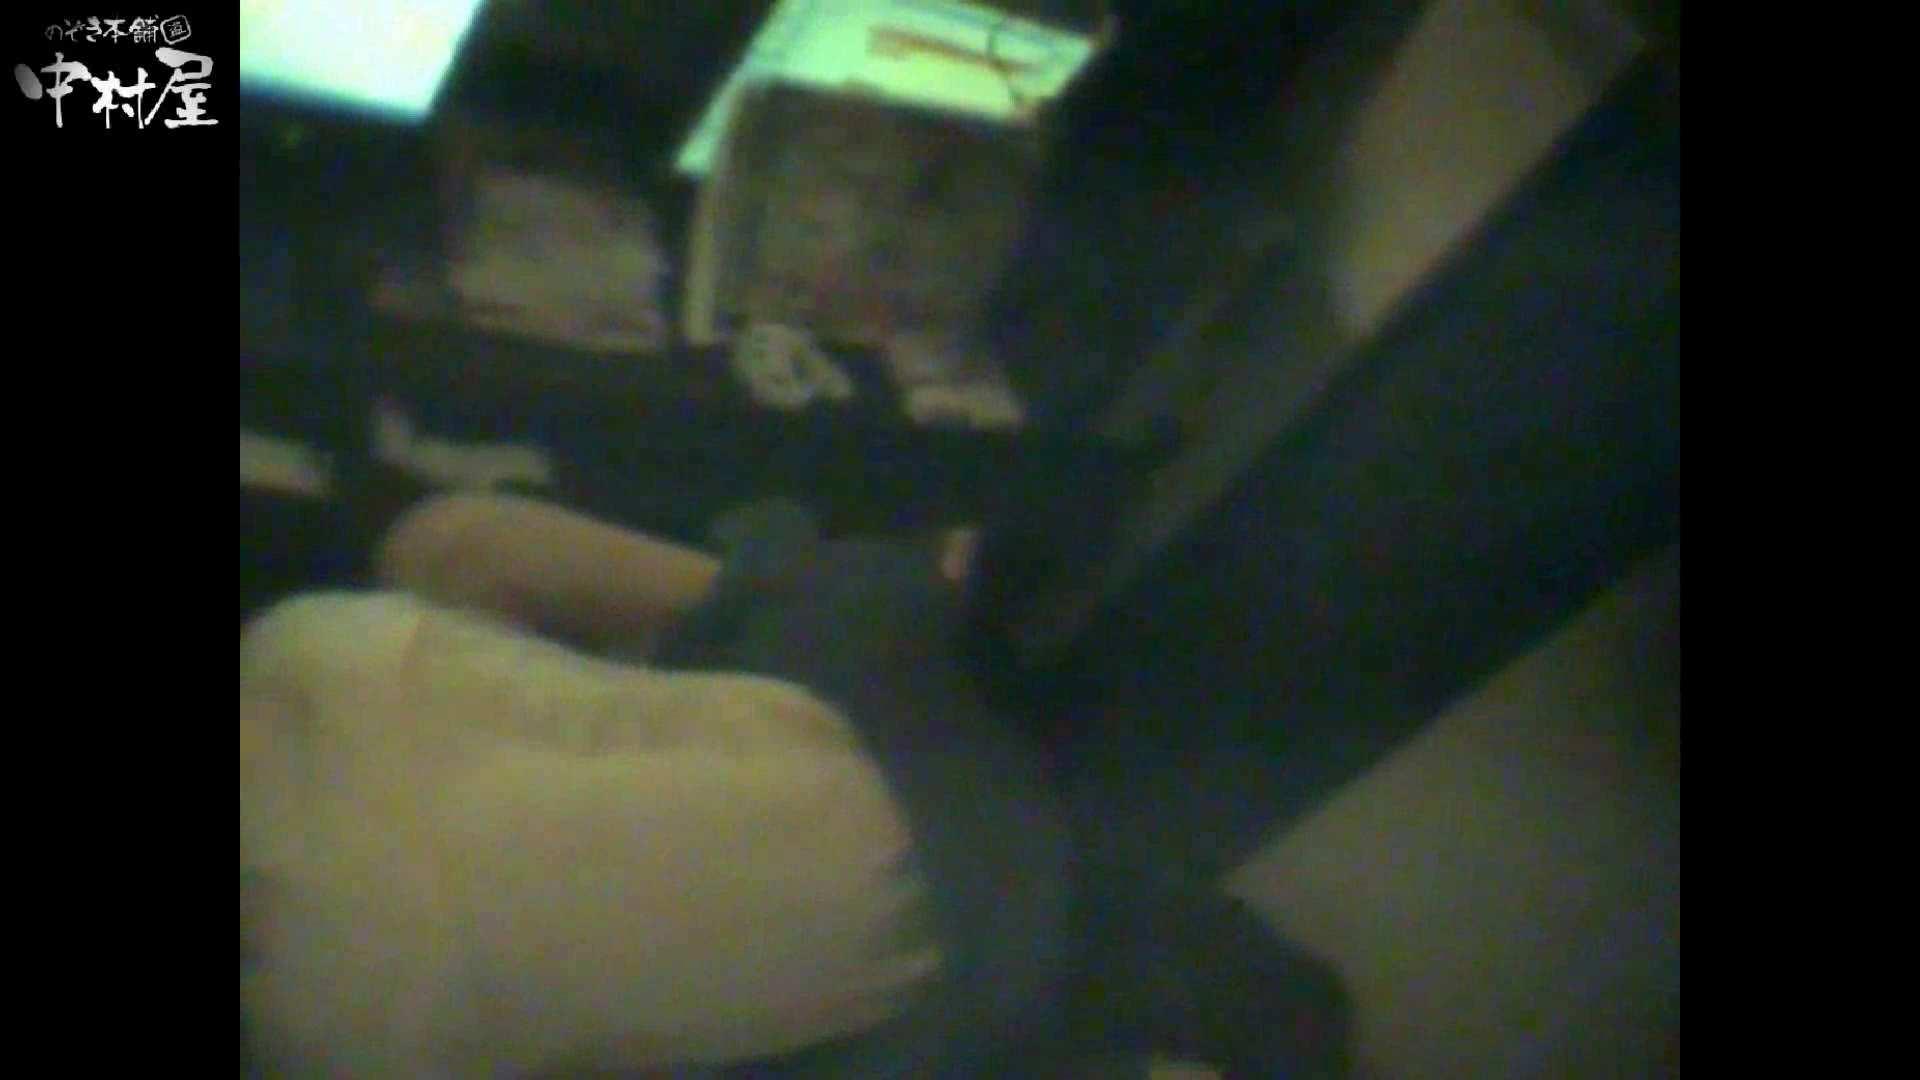 インターネットカフェの中で起こっている出来事 vol.016 卑猥すぎ | カップル映像 のぞき 89PIX 31